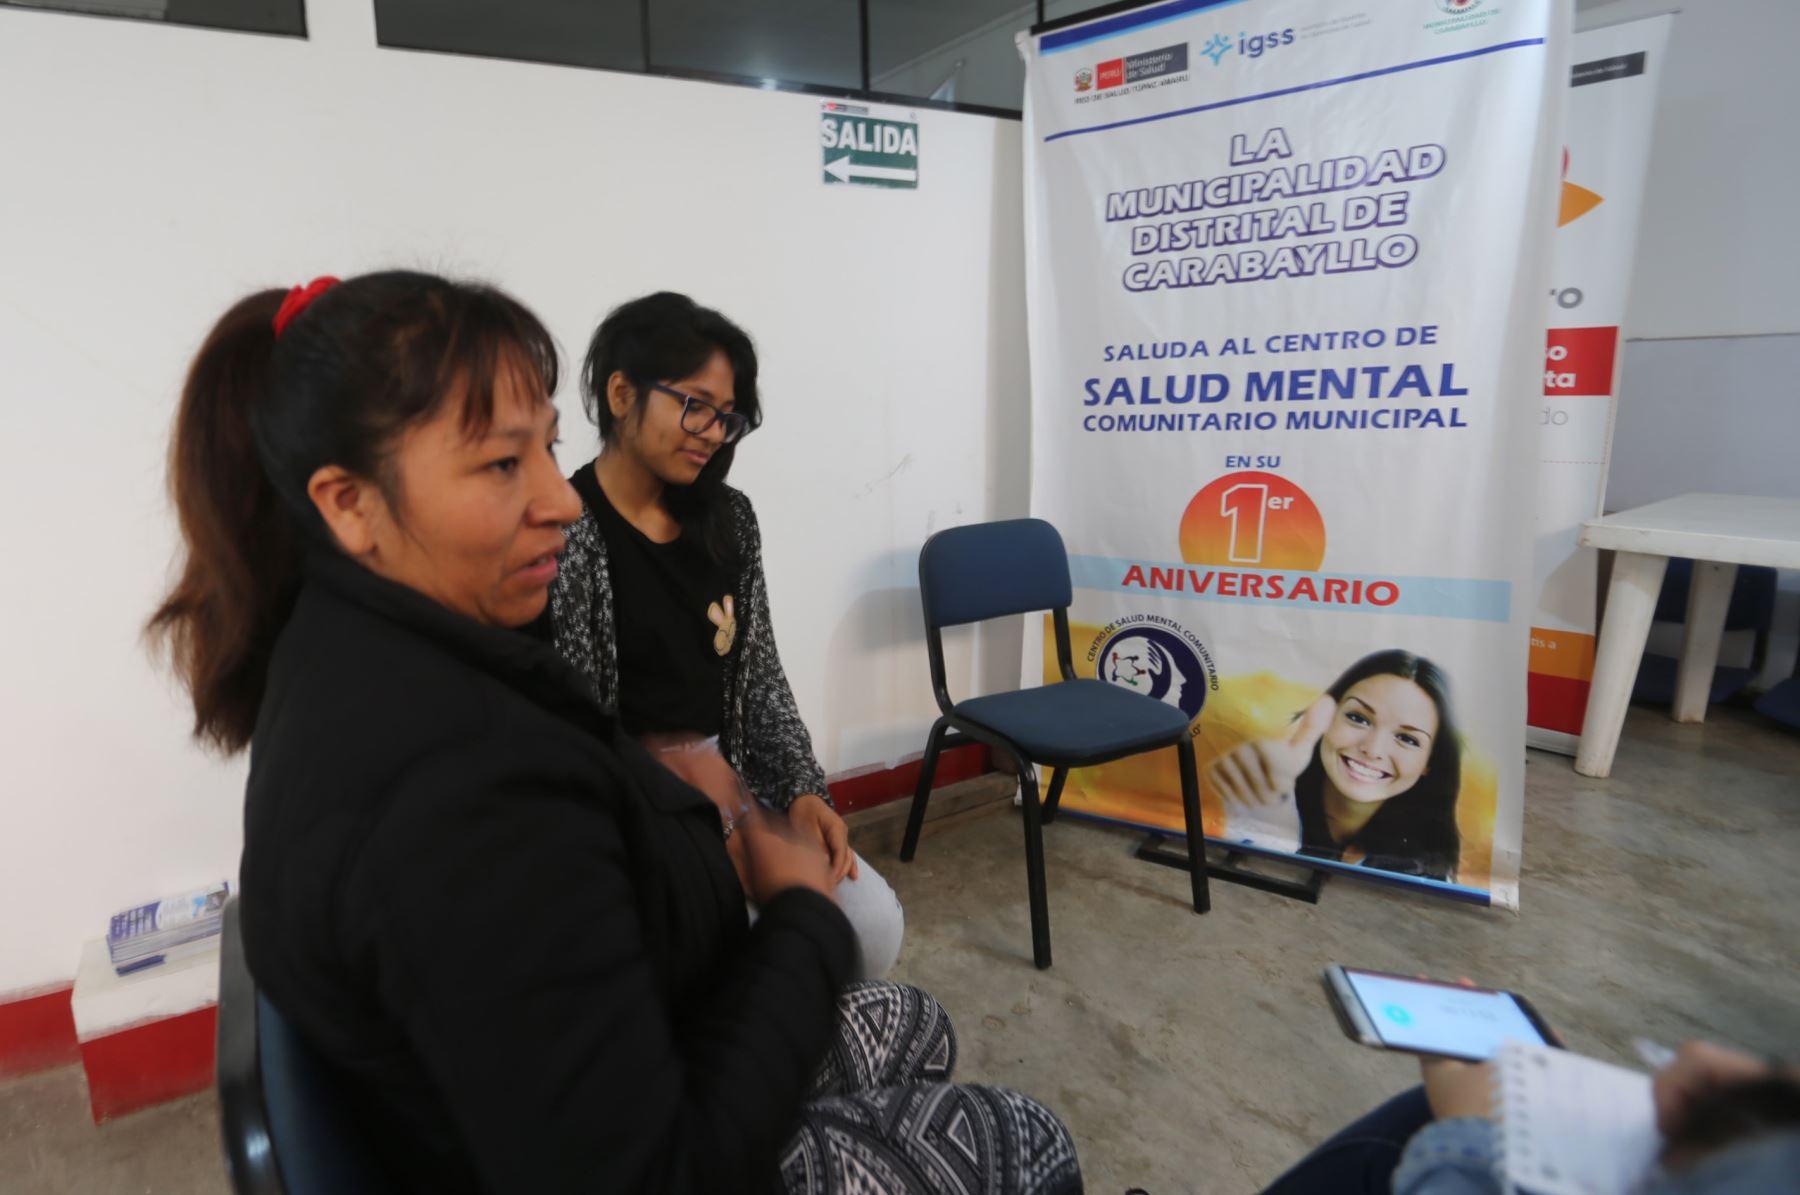 El Ministerio de Salud anuncia que al 2021 creará más de 280 centros de salud mental en el país. ANDINA/Jhony Laurente